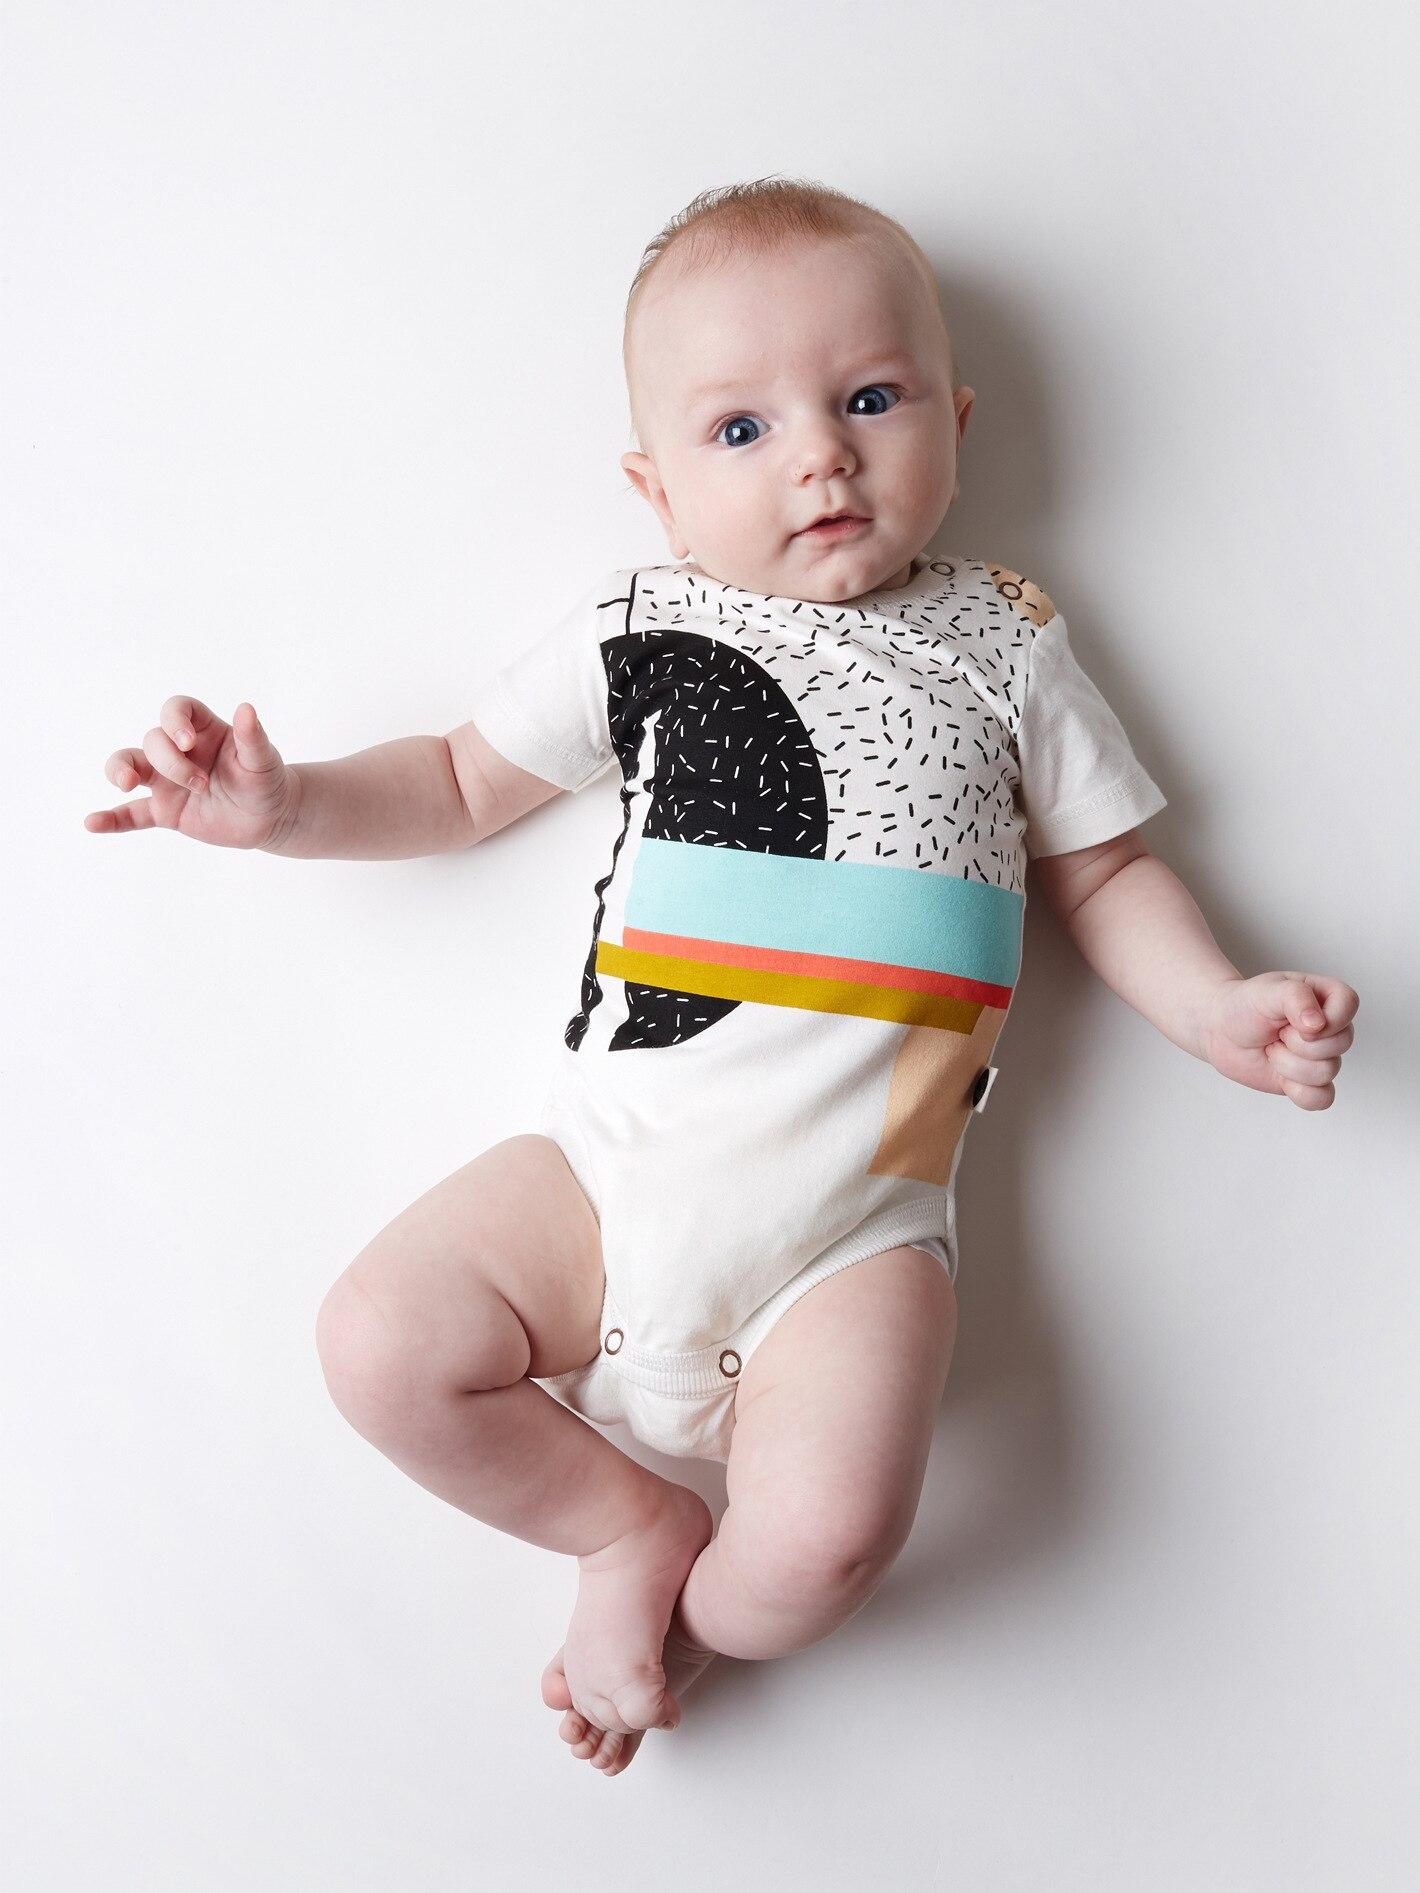 AiLe Rabbit/Ins горячий стиль детская одежда с коротким рукавом Летние треугольник для маленьких мальчиков детские ползунки 13242 комбинезоны буквы